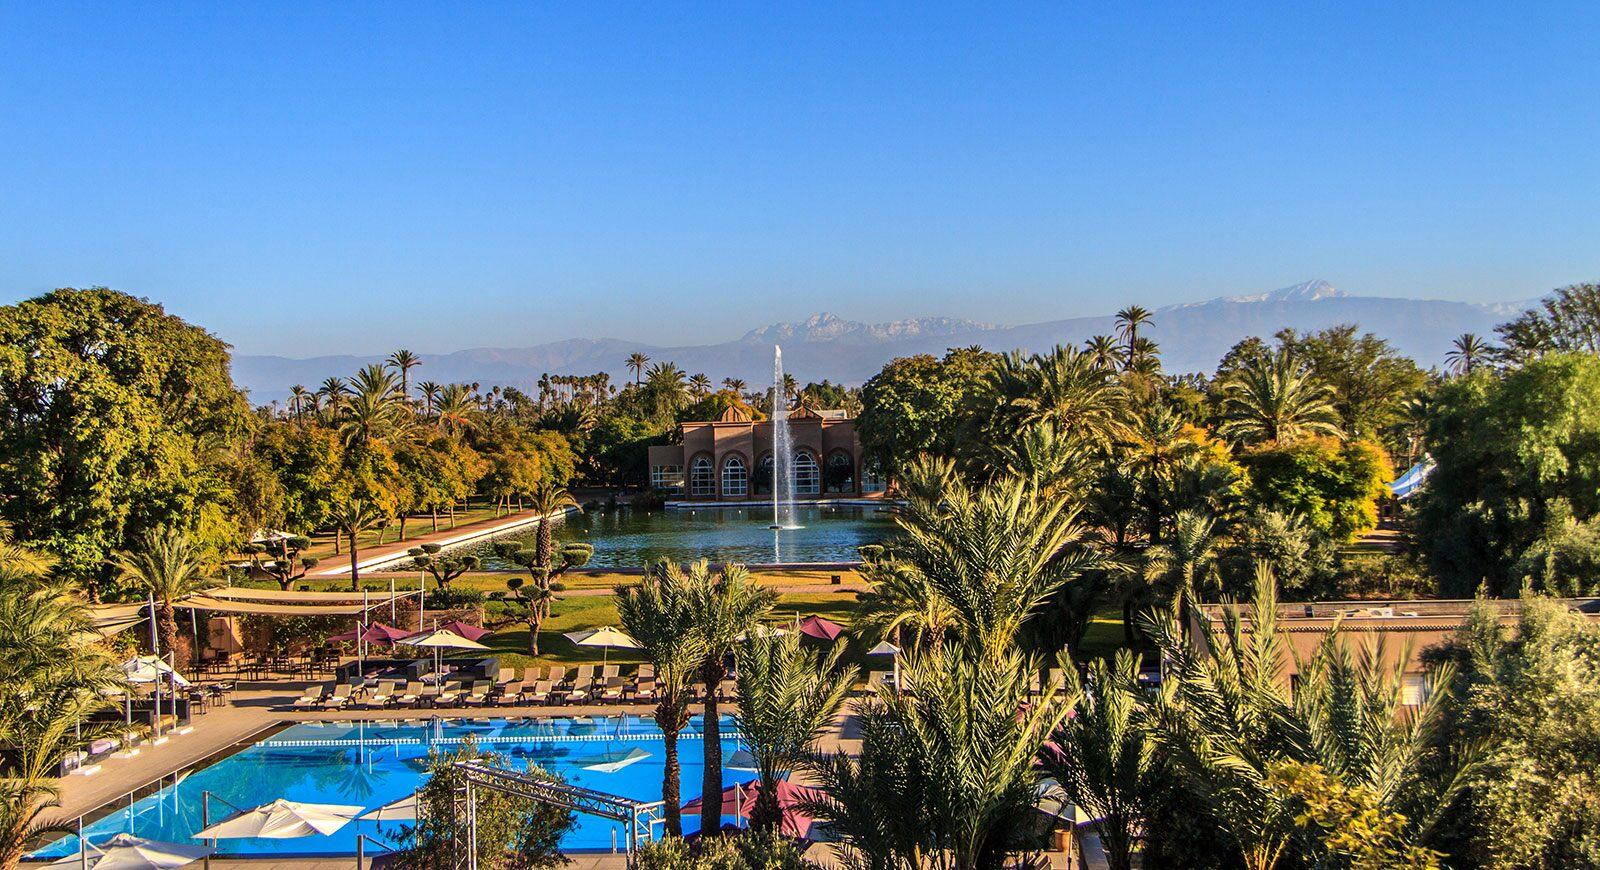 Luxus im Orient: Übernachten im Barcelo Palmereaie in Marrakesch